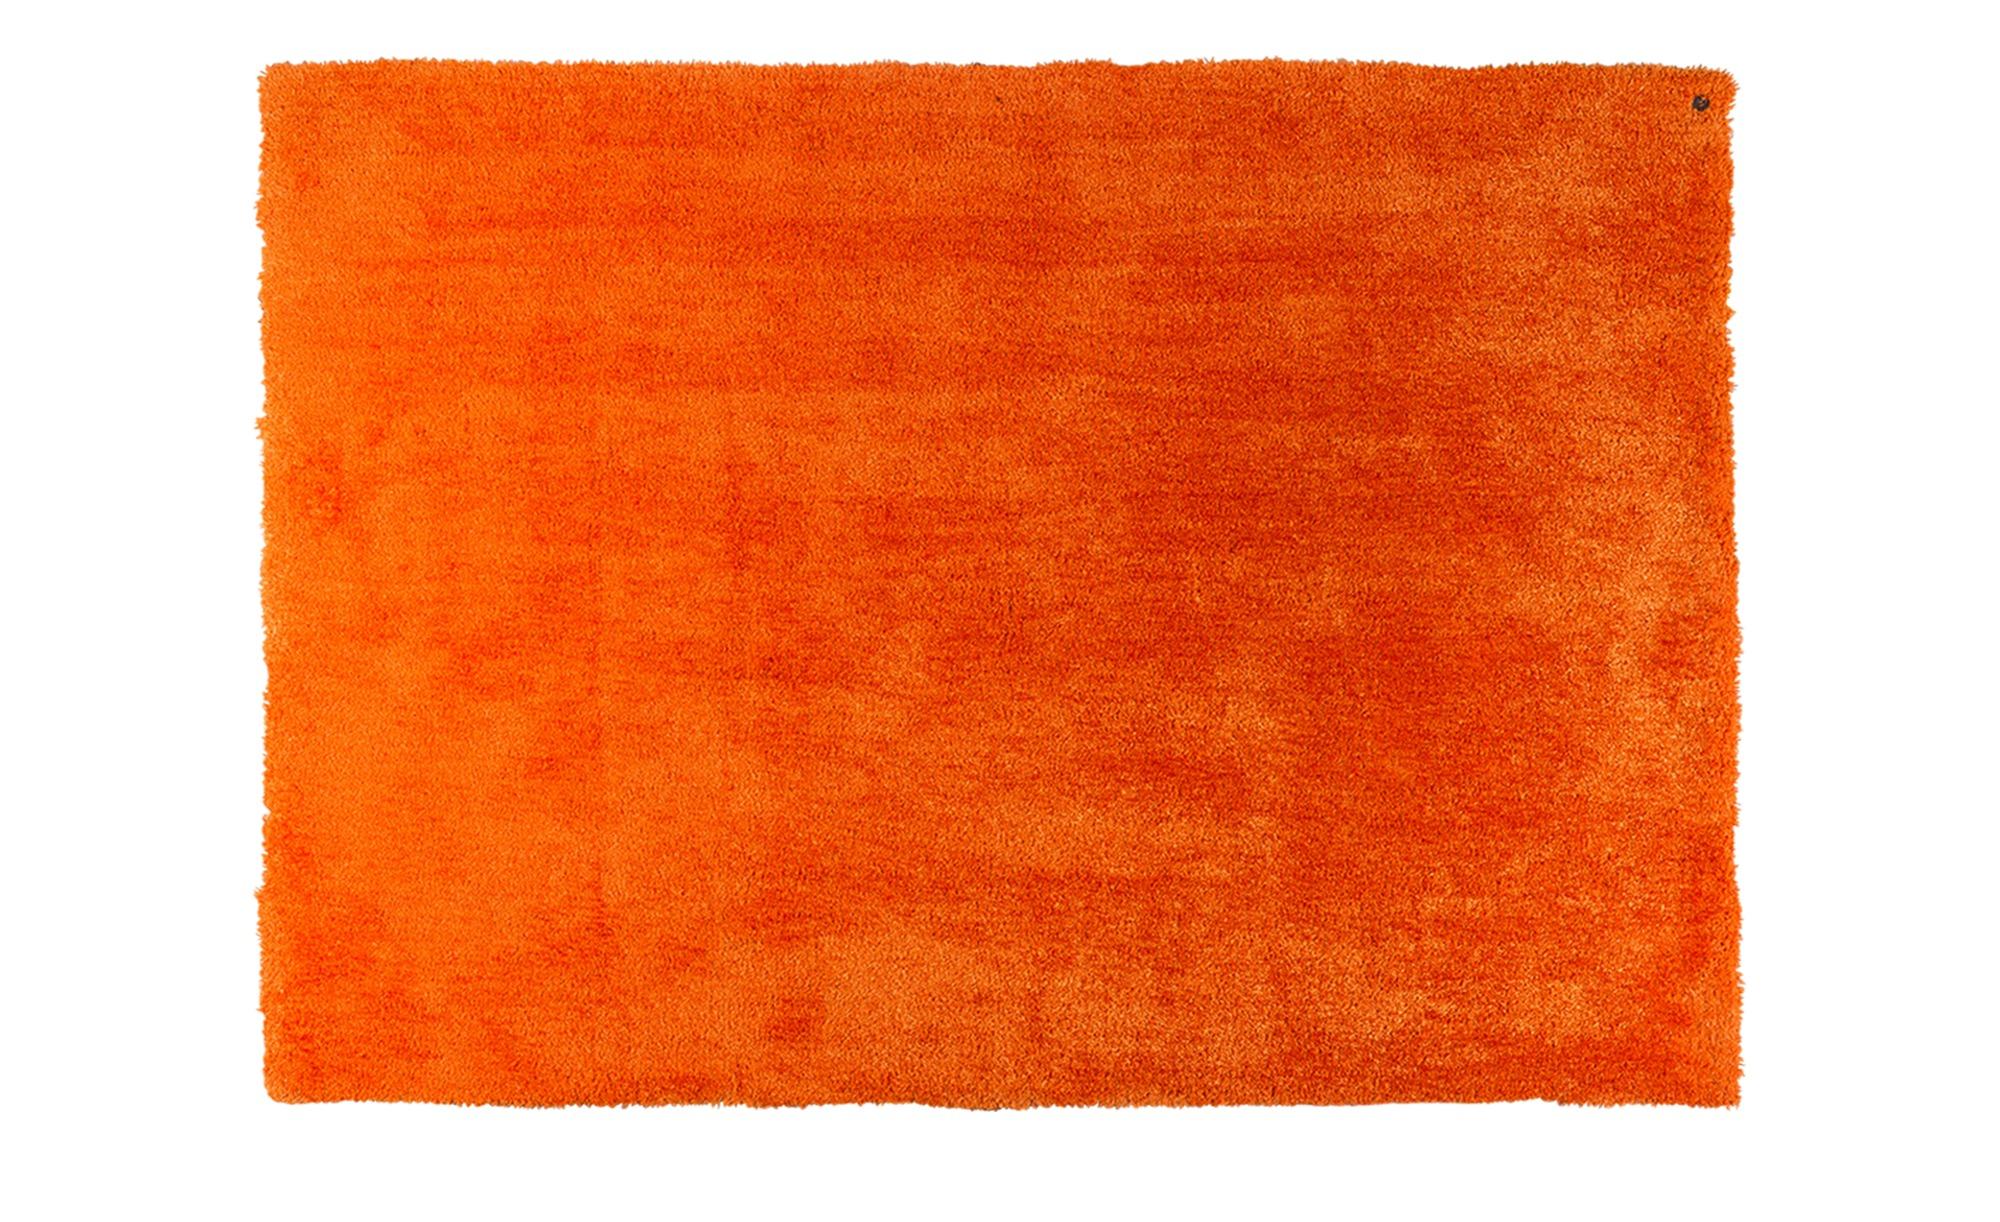 tom tailor handtuft teppich soft uni breite 160 cm h he orange online kaufen bei woonio. Black Bedroom Furniture Sets. Home Design Ideas